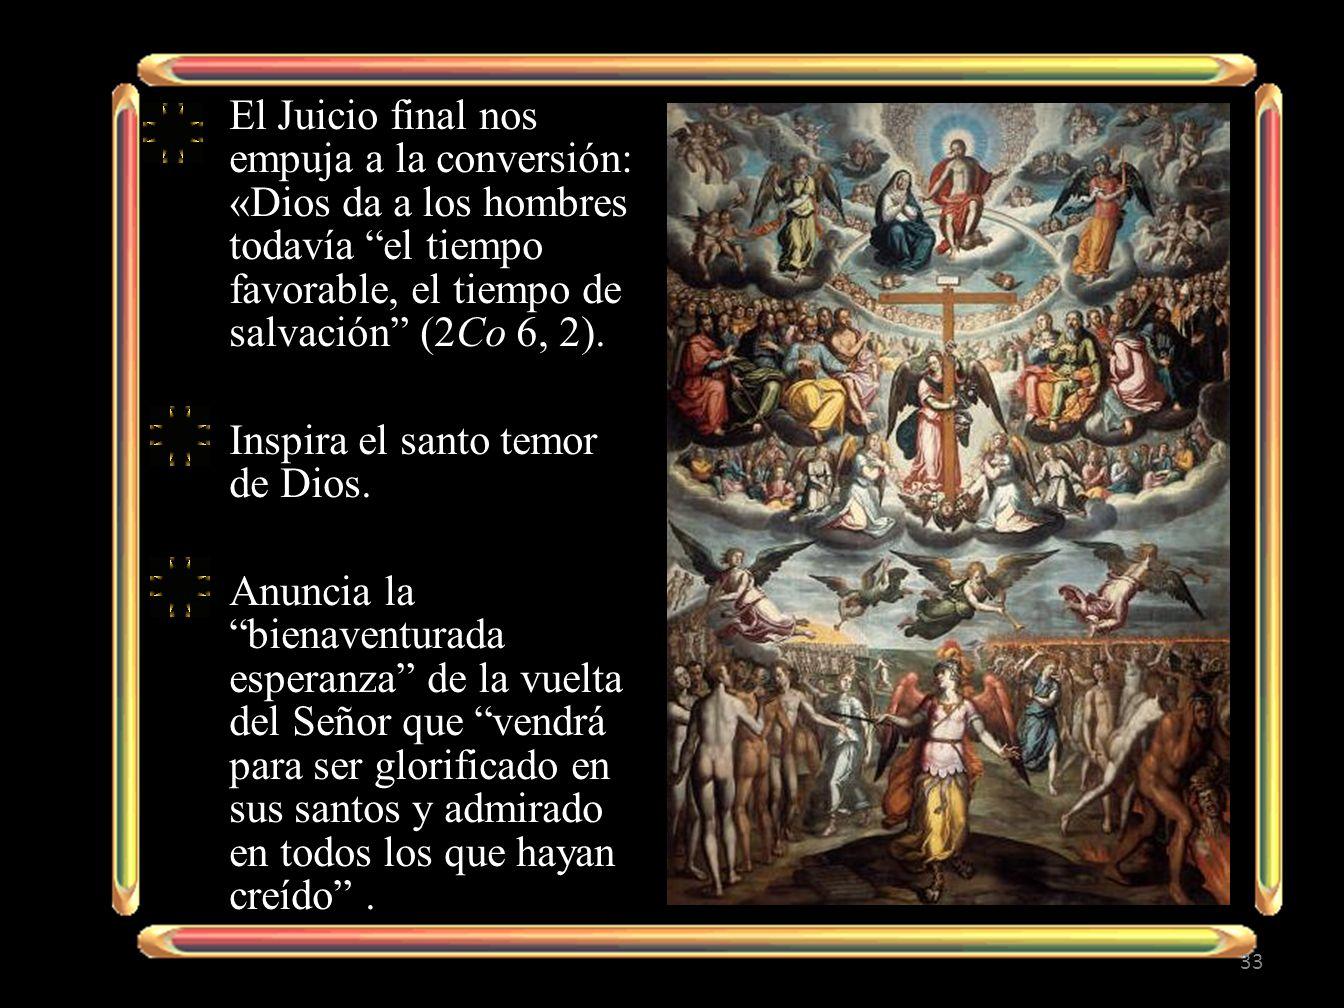 El Juicio final nos empuja a la conversión: «Dios da a los hombres todavía el tiempo favorable, el tiempo de salvación (2Co 6, 2).